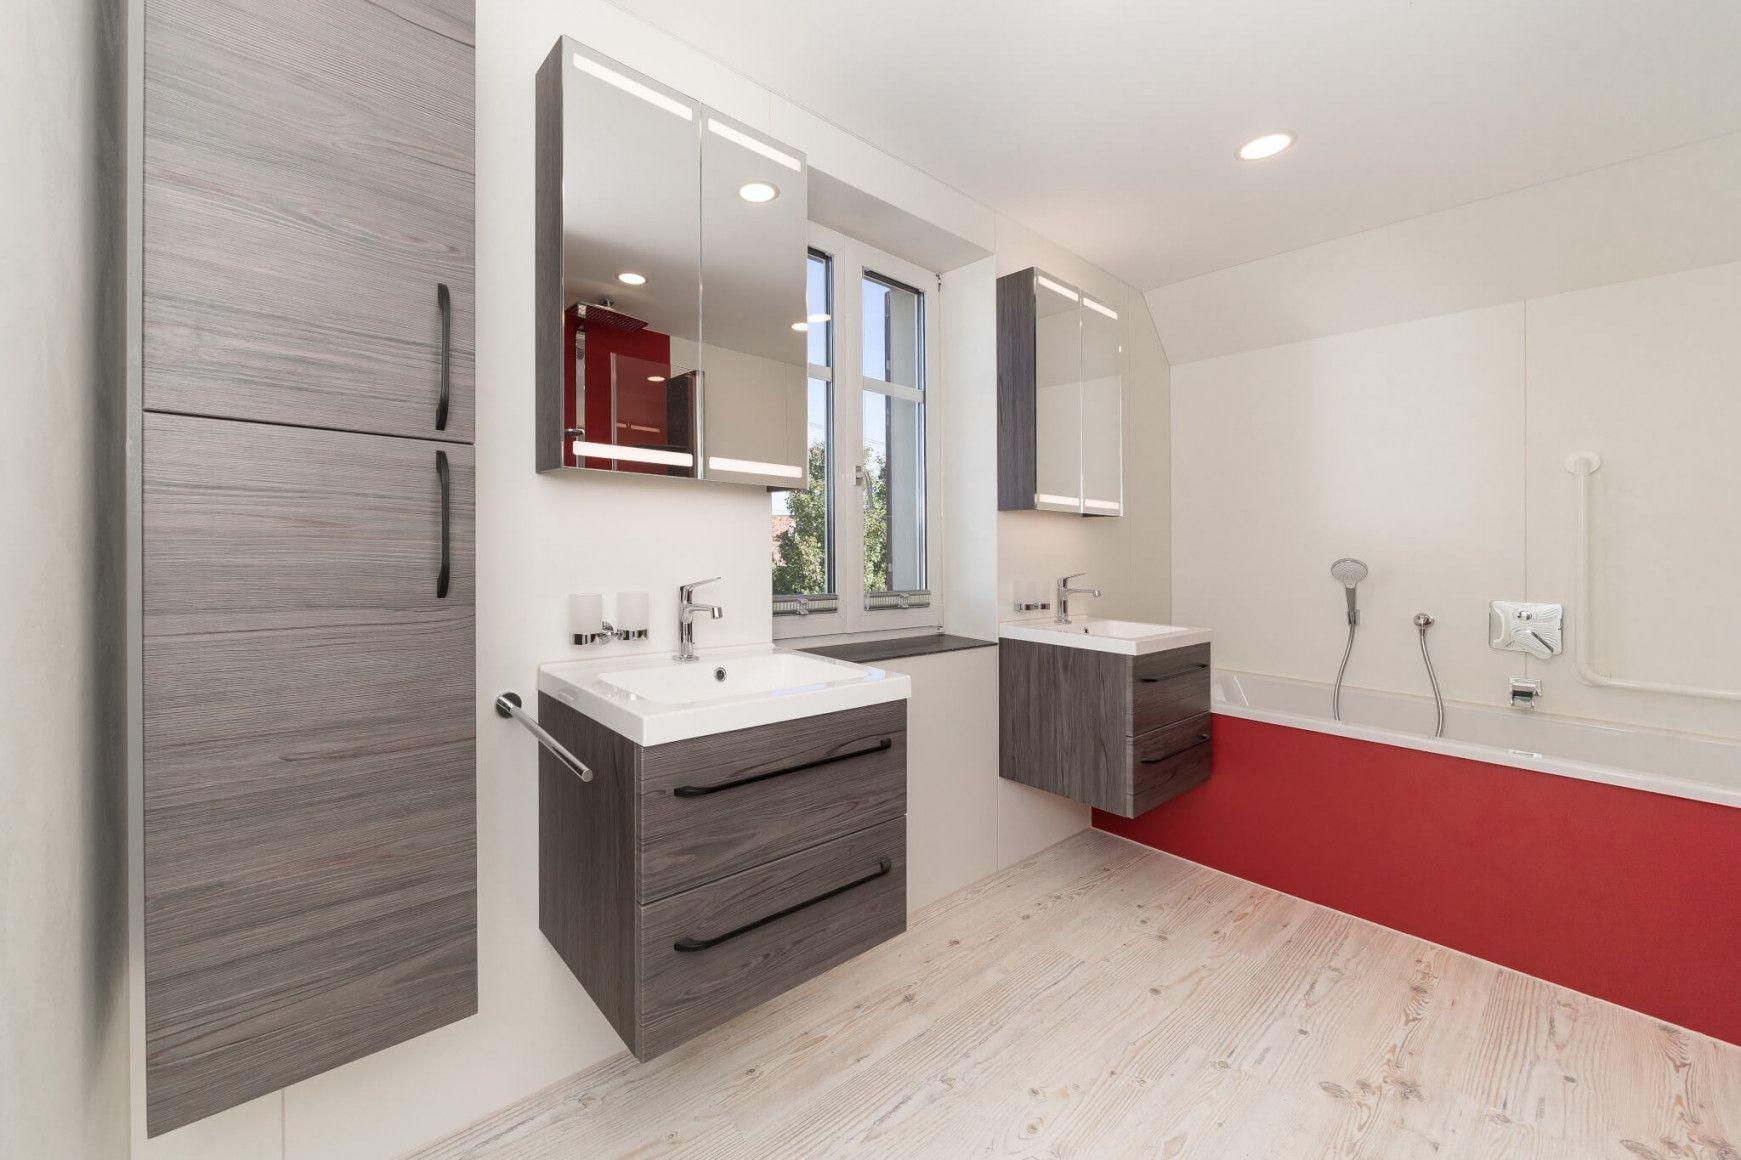 Badezimmer Ideen Badsanierung Badrenovierung Von Kleines Bad Renovieren Ideen Bild Kleines Bad Renovieren Badezimmer Beispiele Bad Renovieren